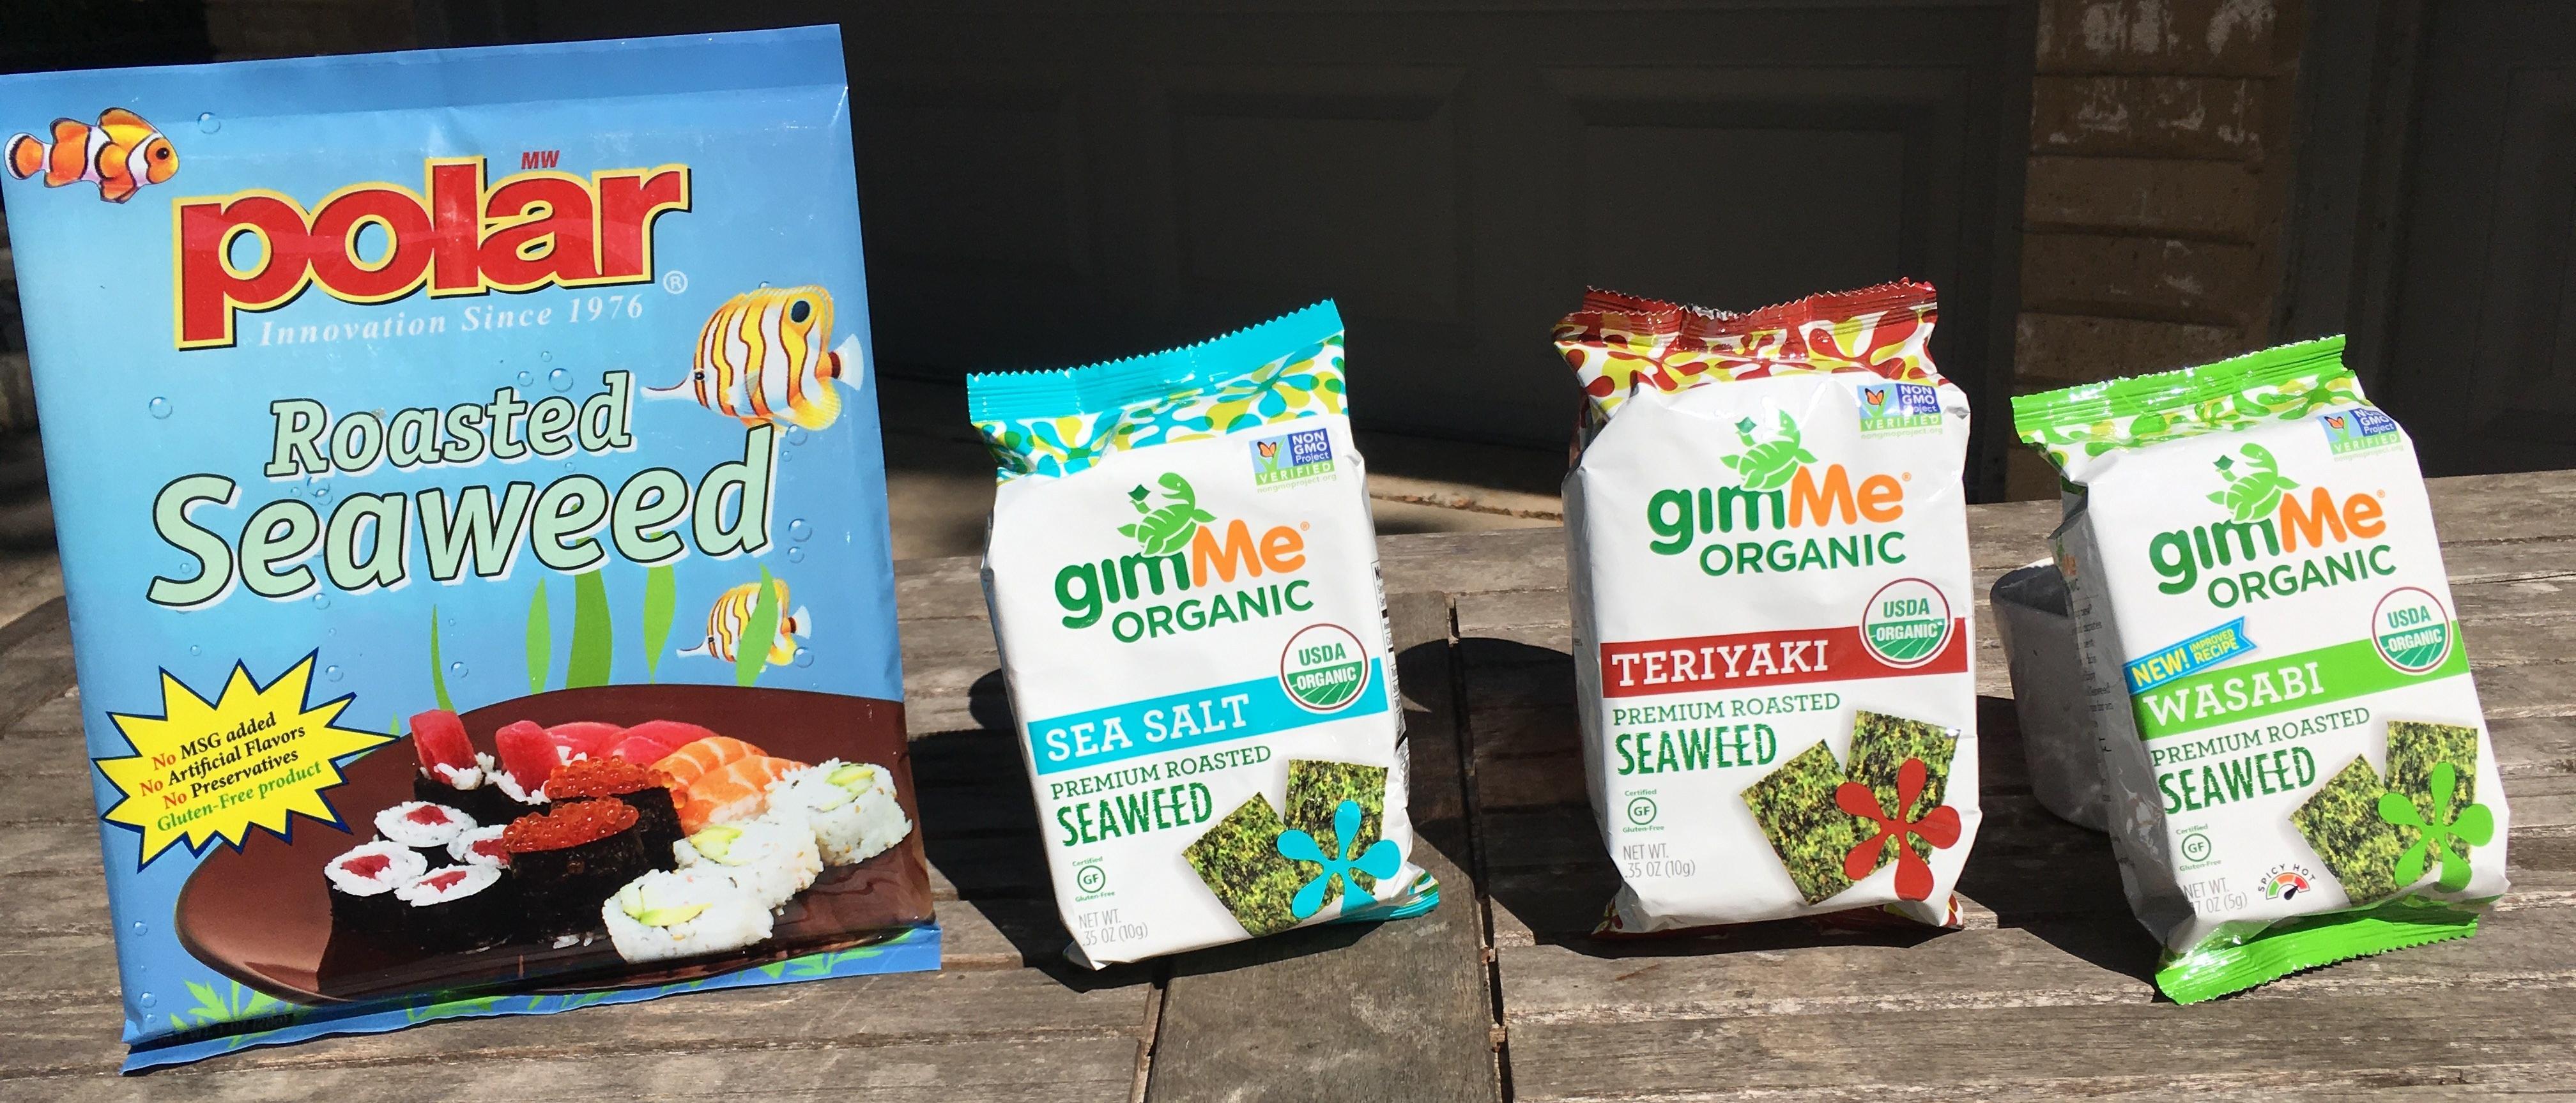 Keto Roasted Seaweed Ingredients